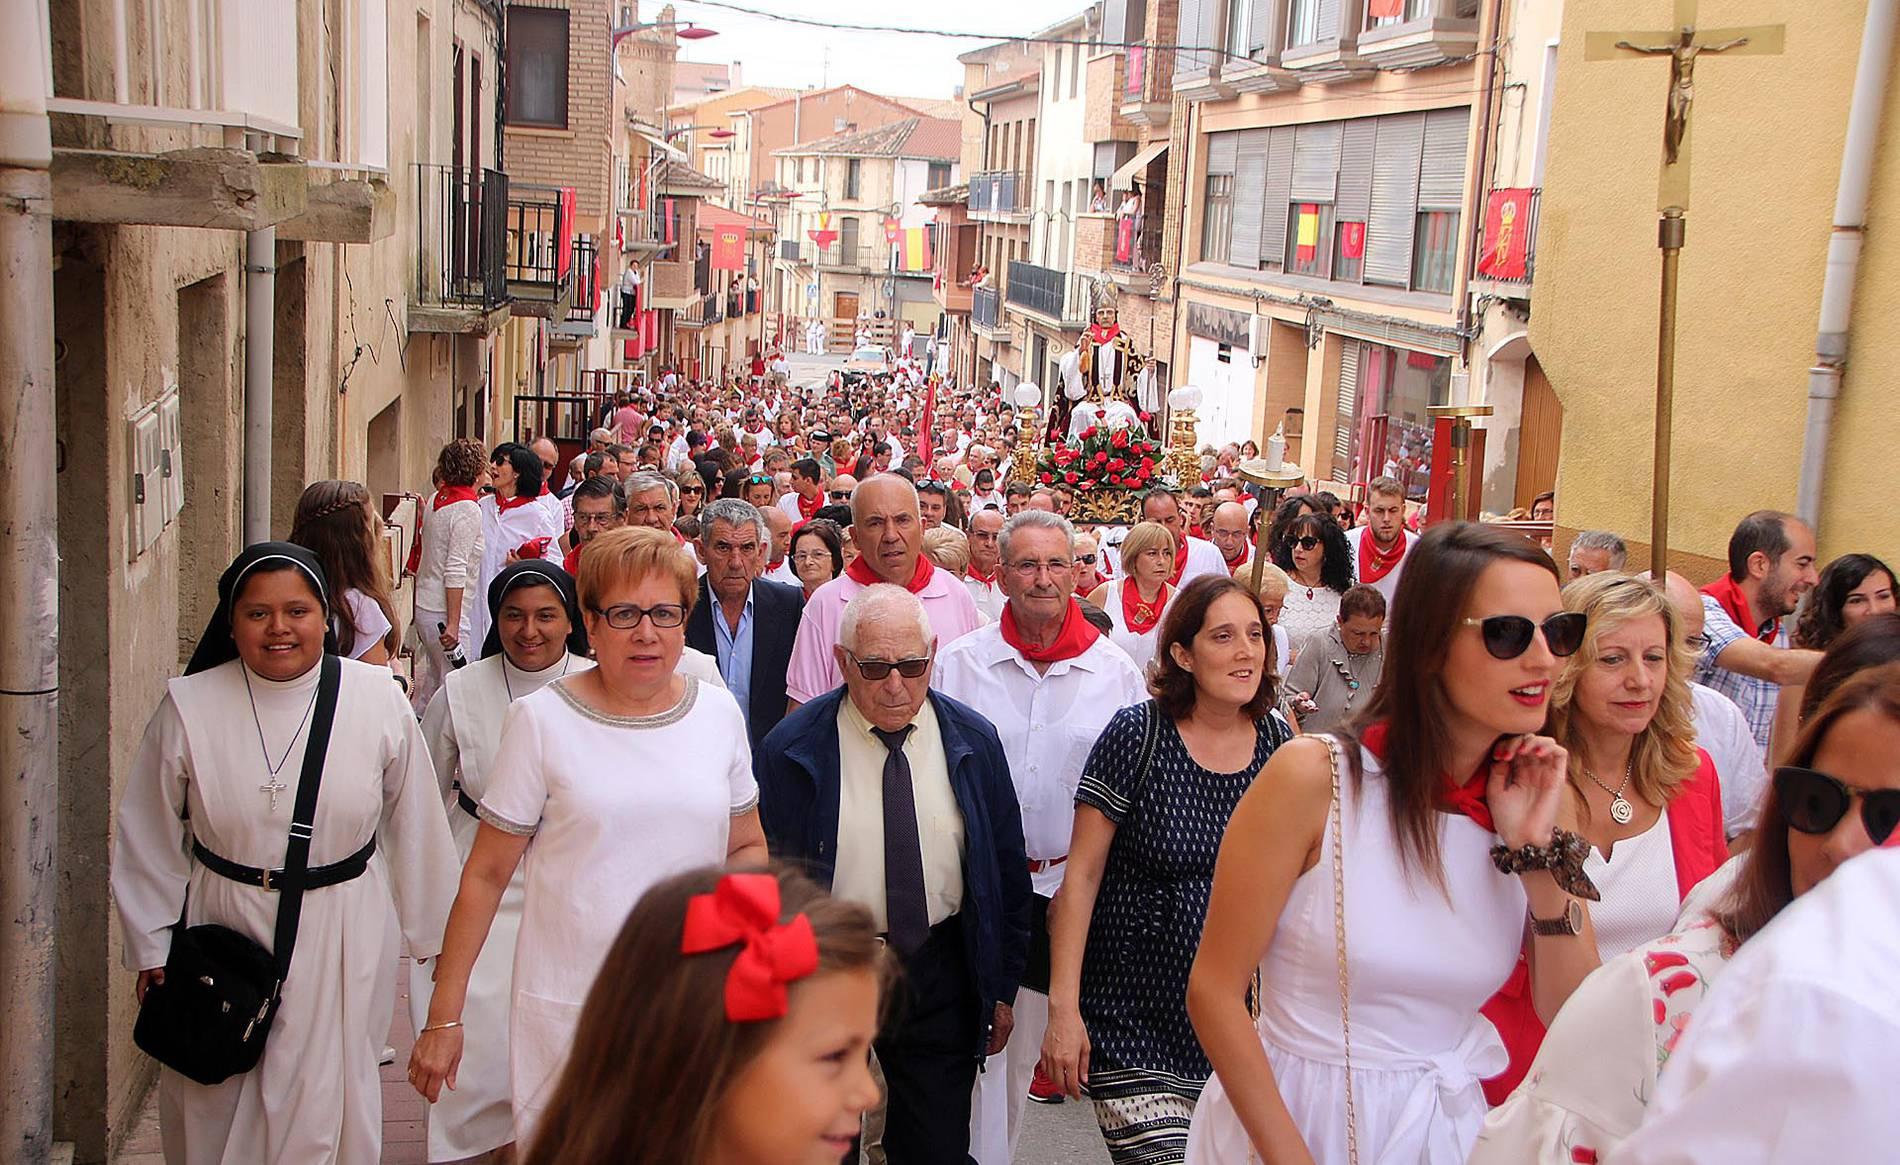 Procesión de San Blas en Milagro (1/11) - Día grande de fiestas de Milagro con la procesión en honor a San Blas - Tudela y Ribera -